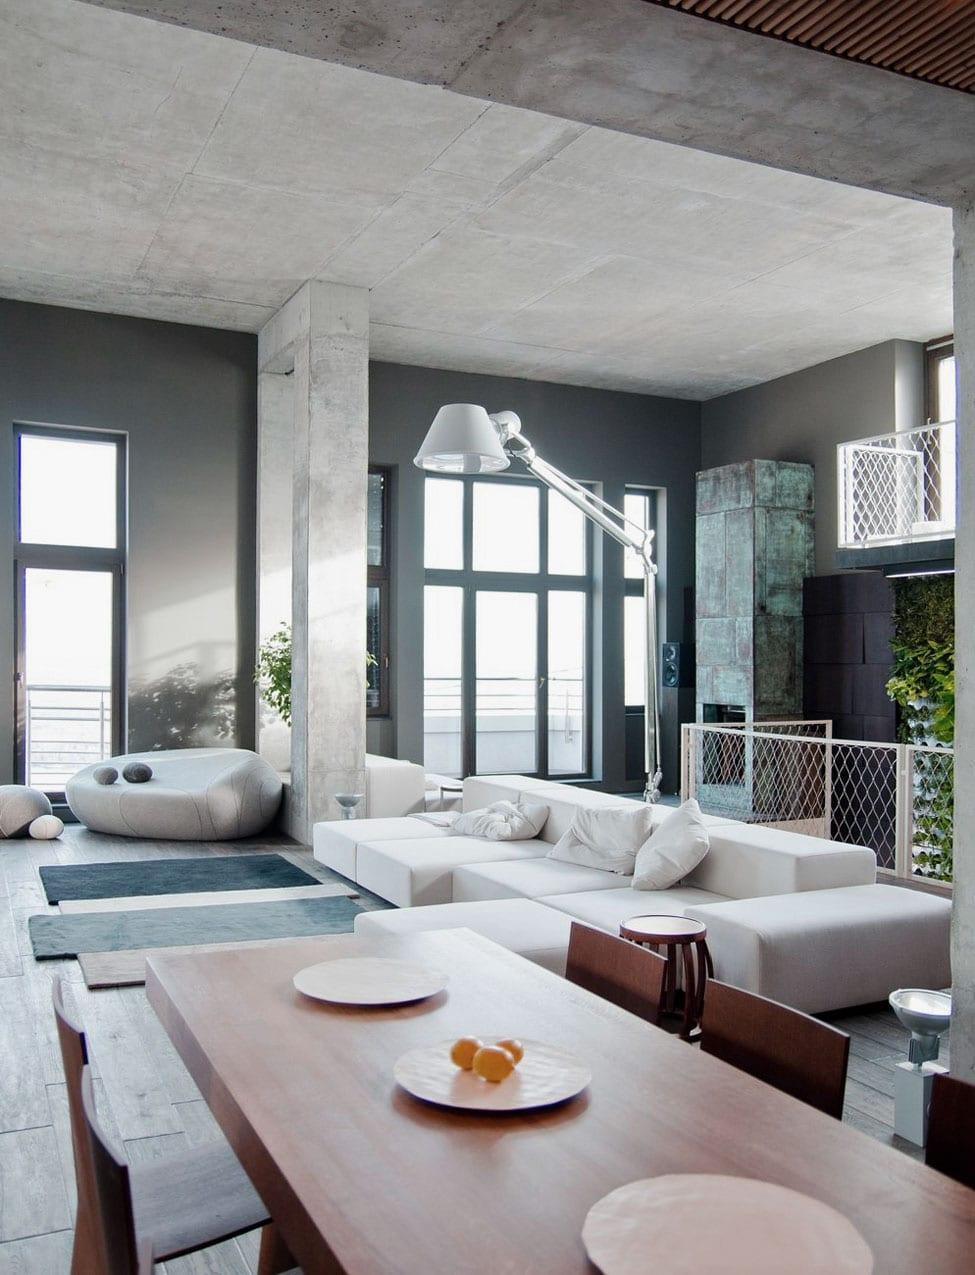 modernes esszimmer aus beton mit wandfarbe grau-moderne seats and sofas weiß